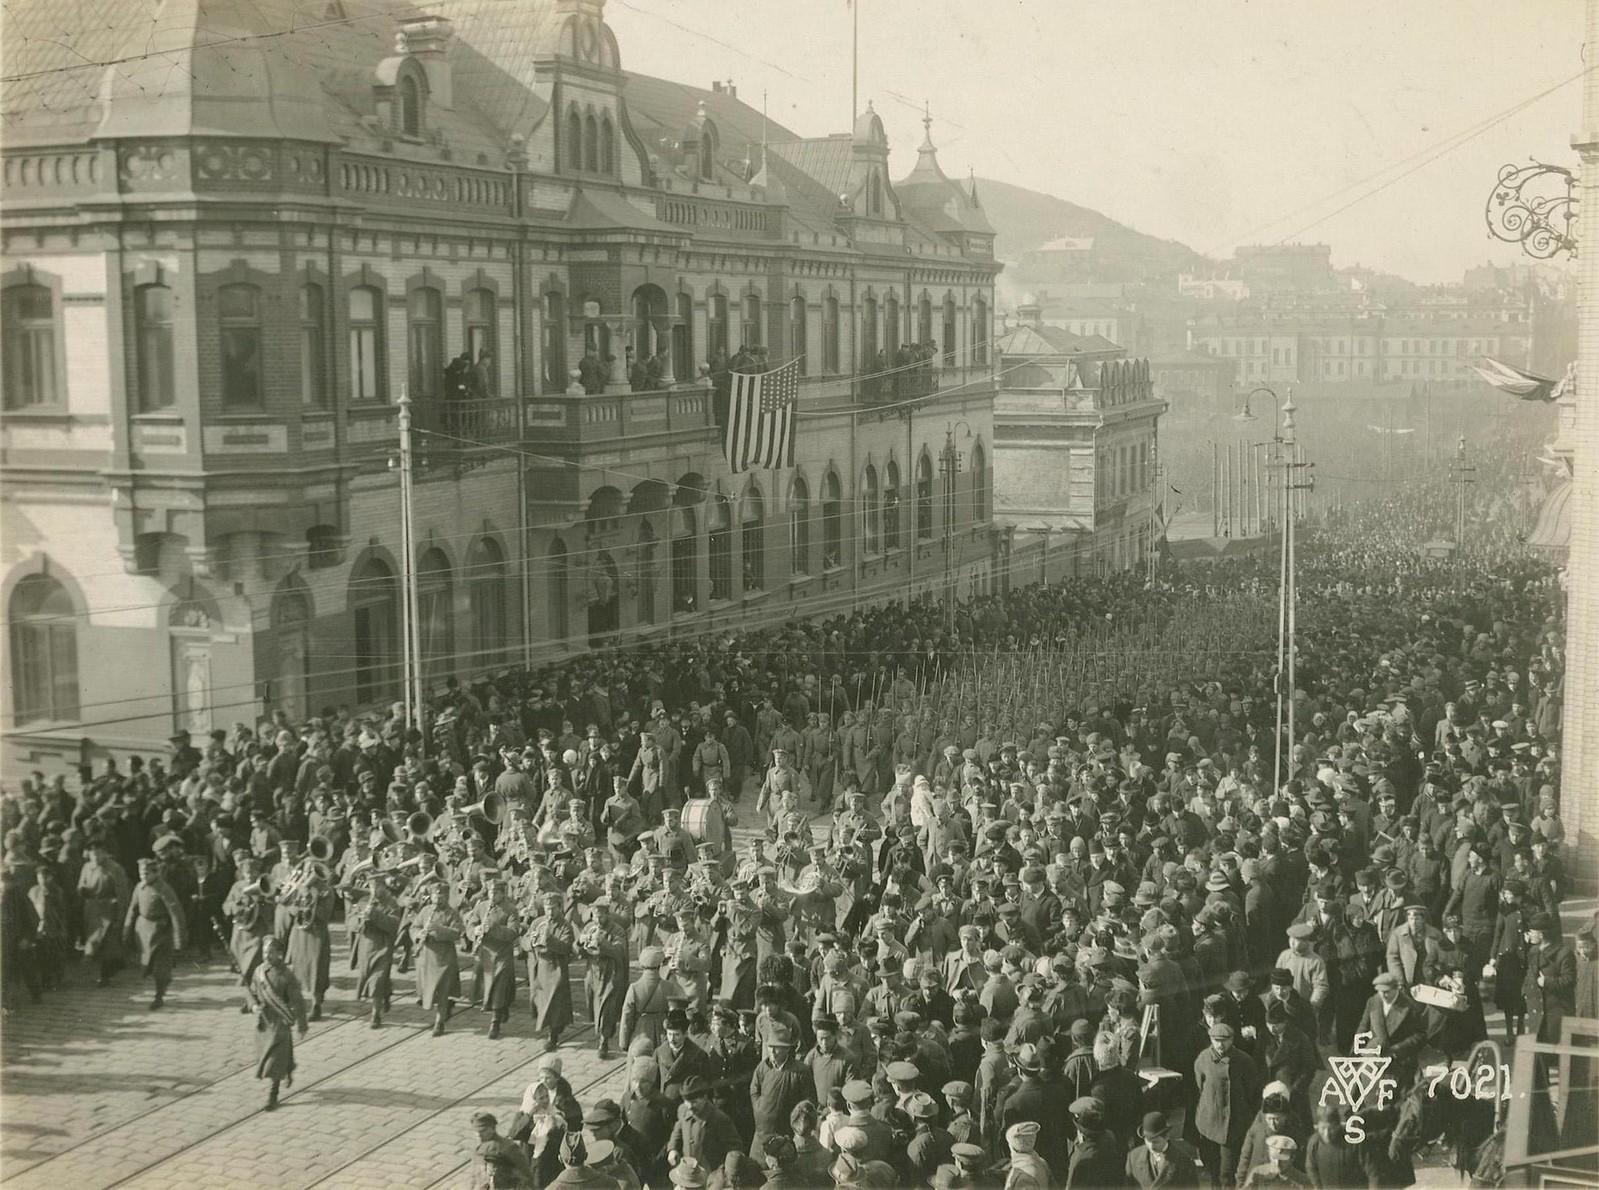 29.1918. Парад завершился прохождением частей Чехословацкого корпуса. 15 ноября